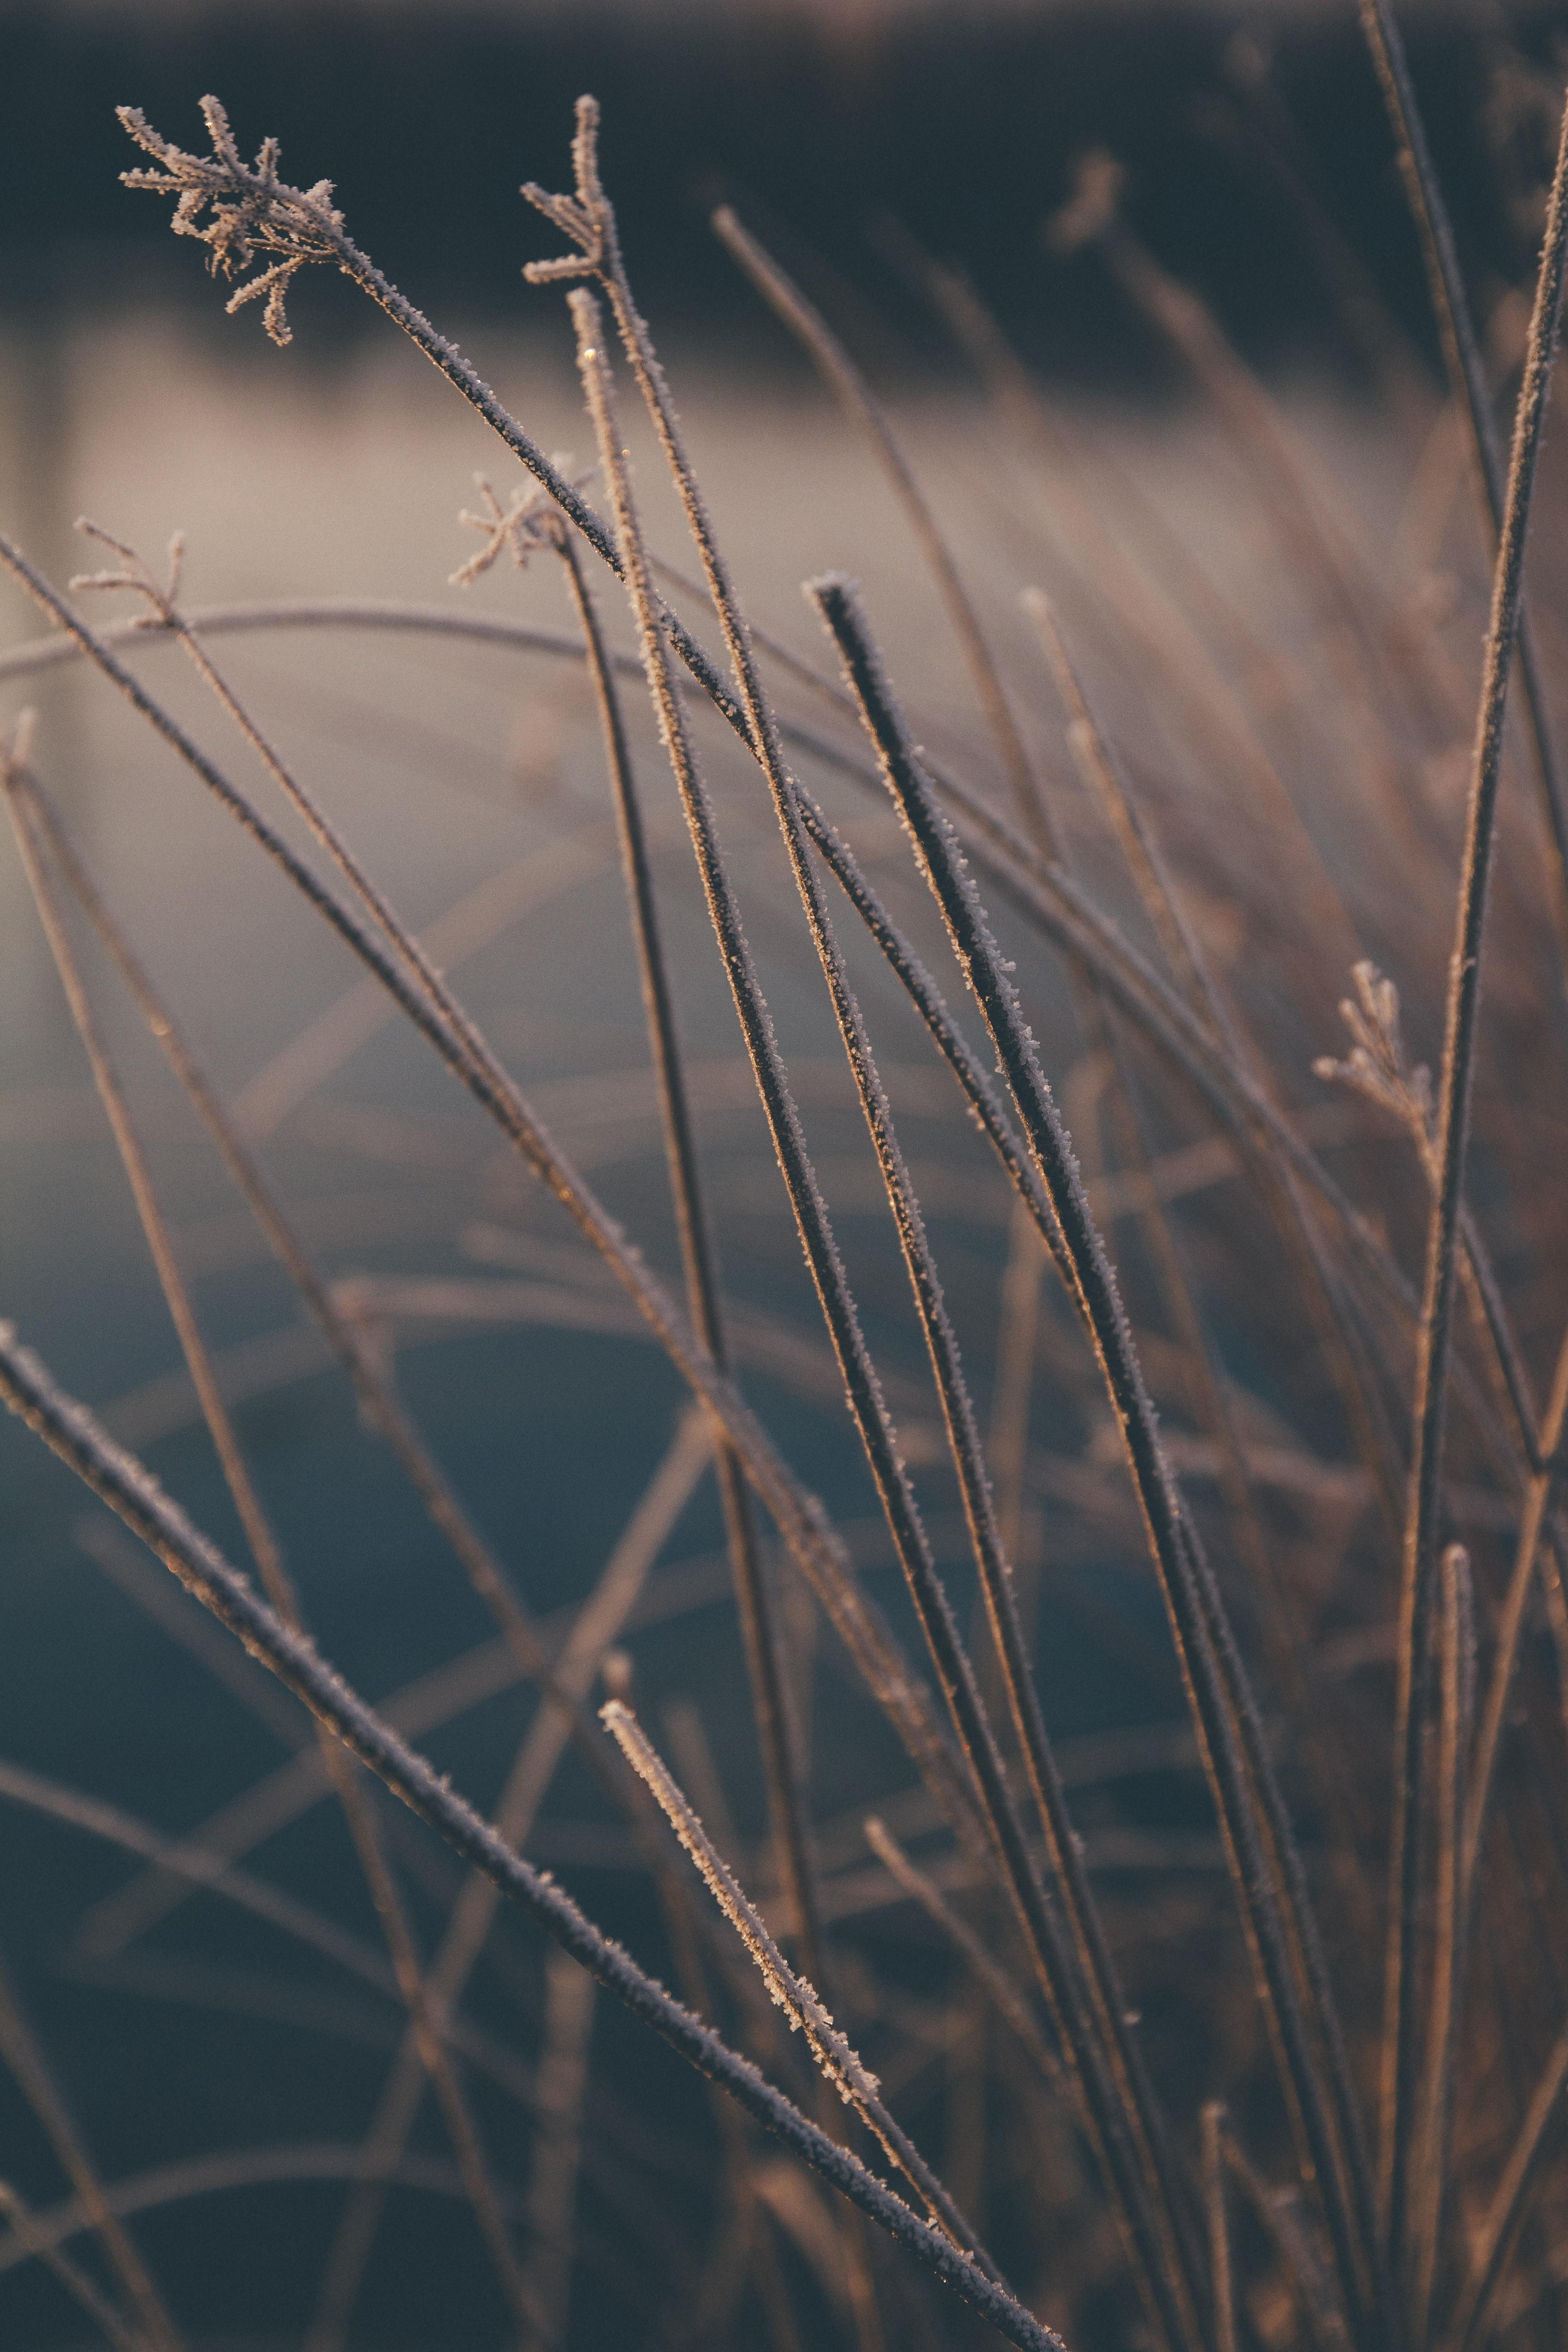 89460 скачать обои Макро, Трава, Растения, Иней, Зима - заставки и картинки бесплатно